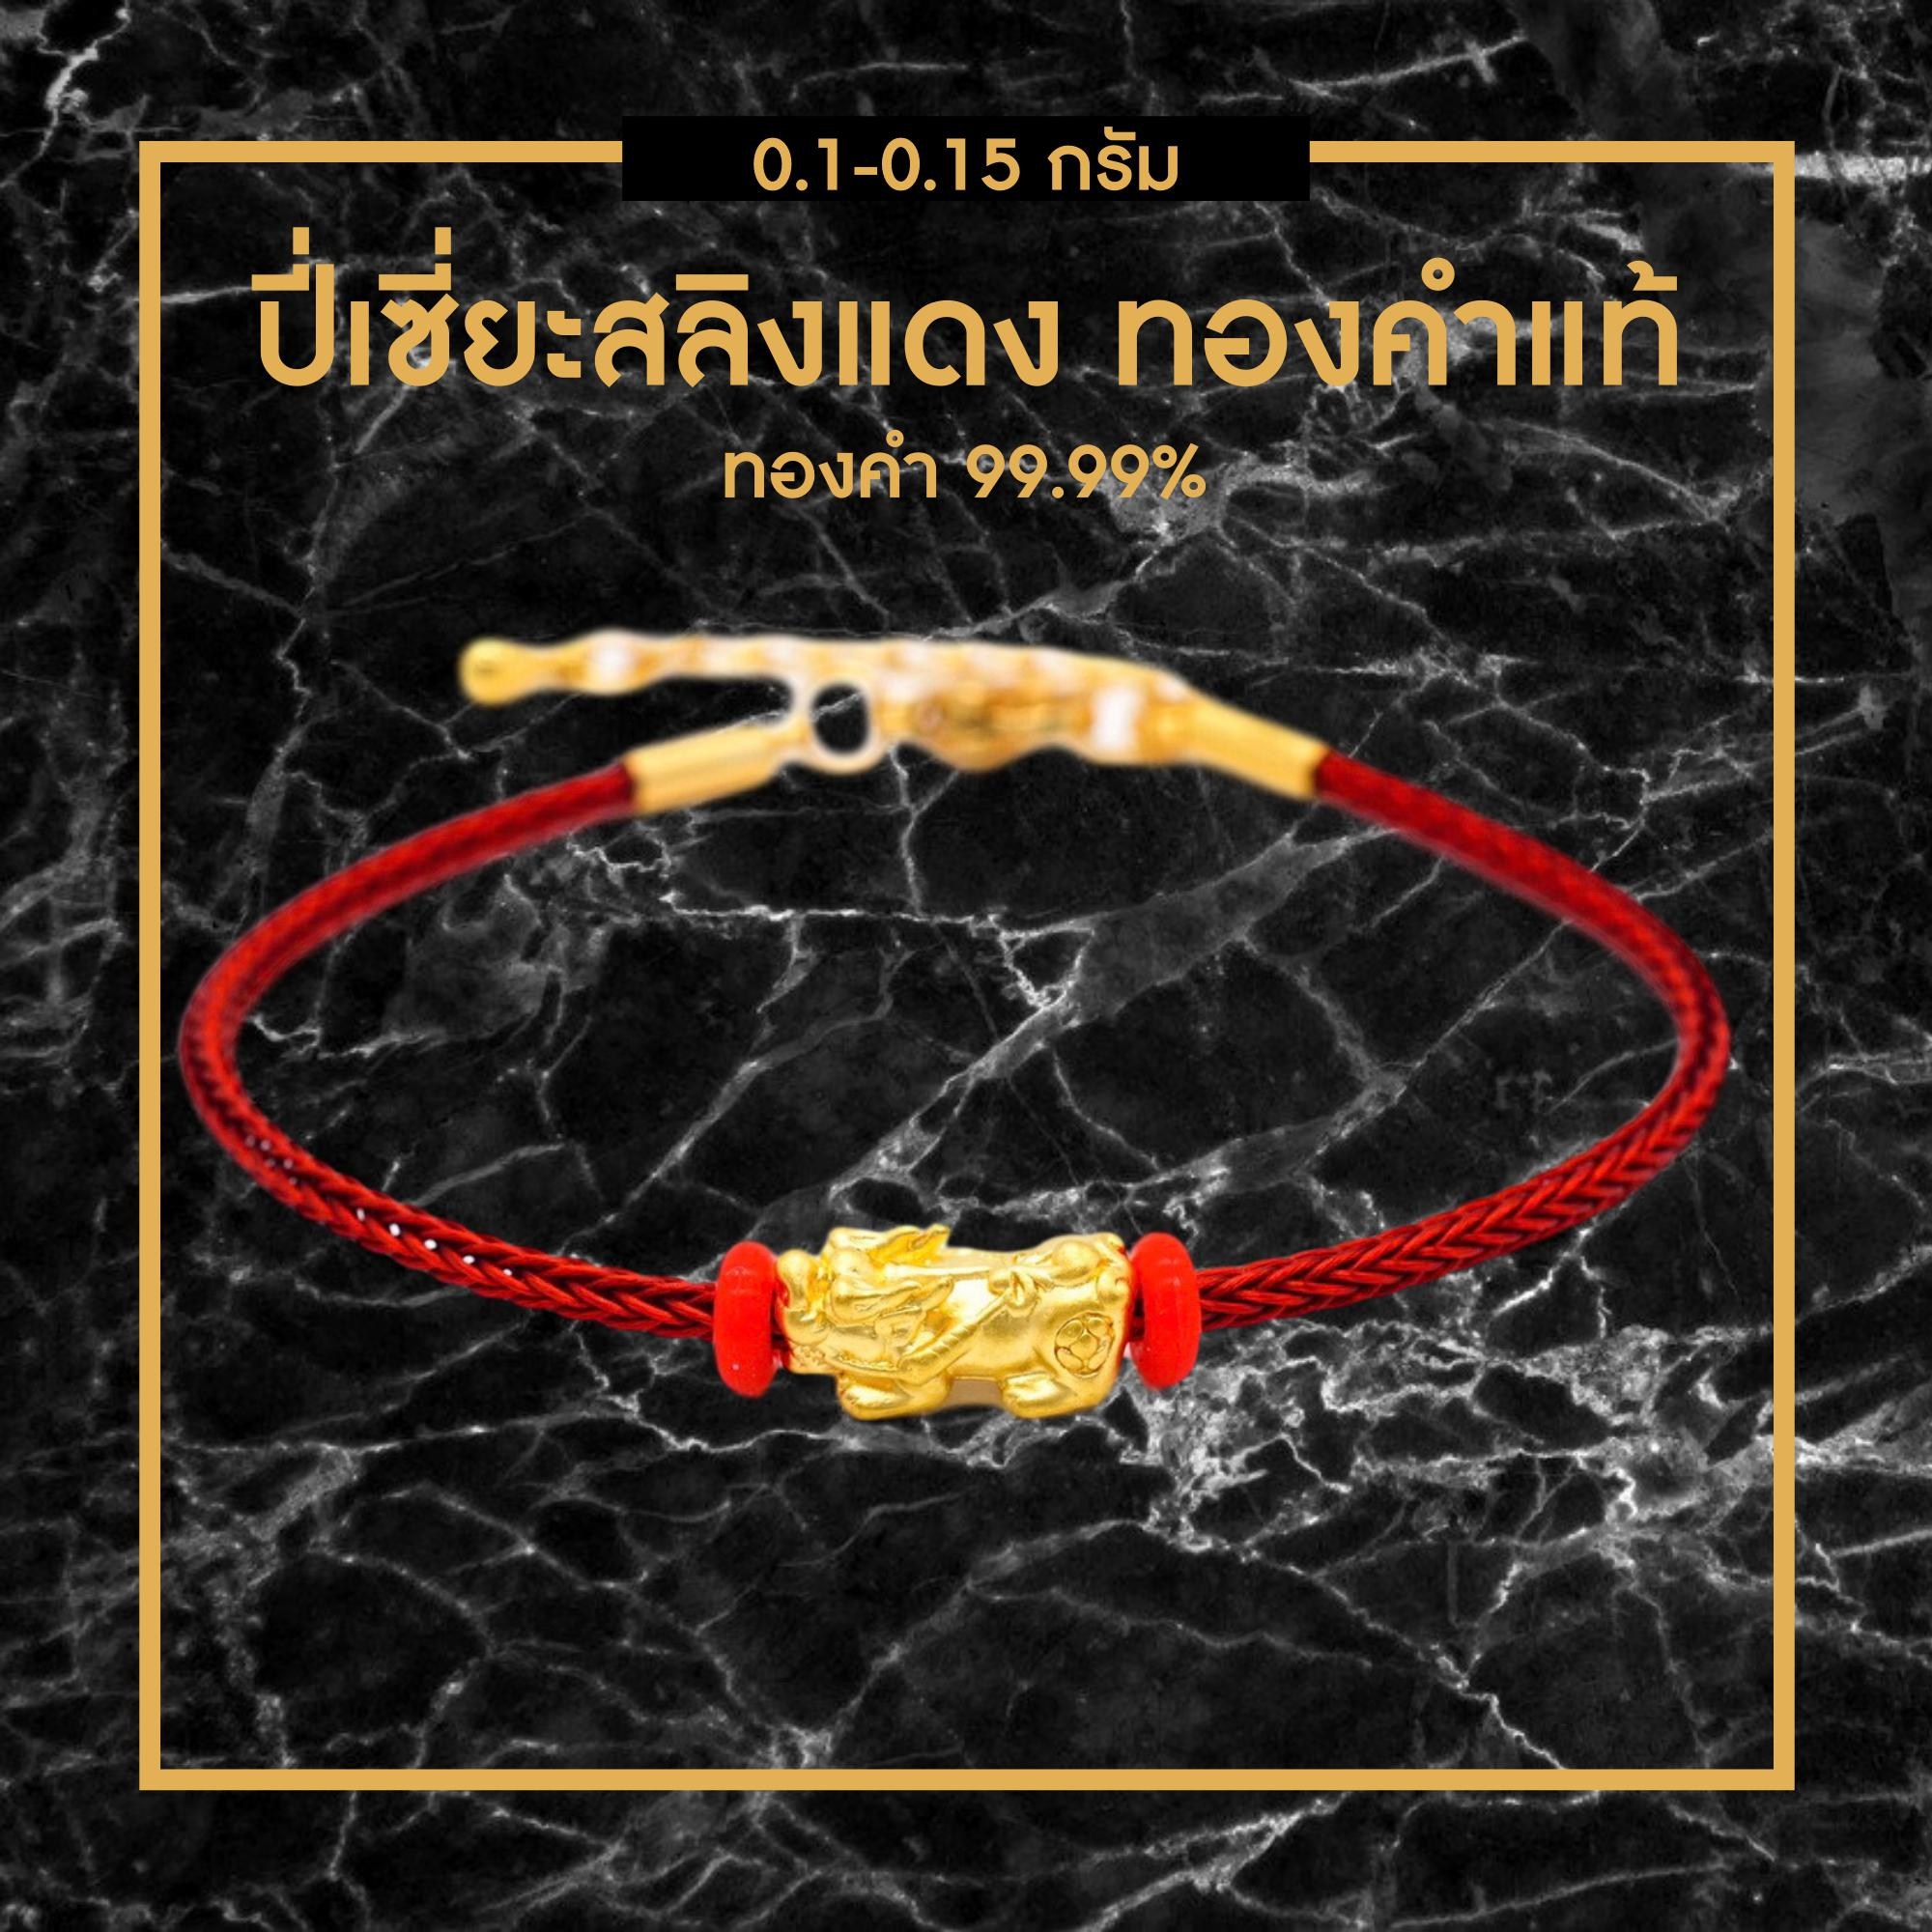 ข้อมือปี่เซียะ สลิงแดง น้ำหนักทอง 0.1-0.15กรัม ทองคำแท้ 99.9% (24k) ยาว 15 -17 Cm จัดส่งฟรี!!!.